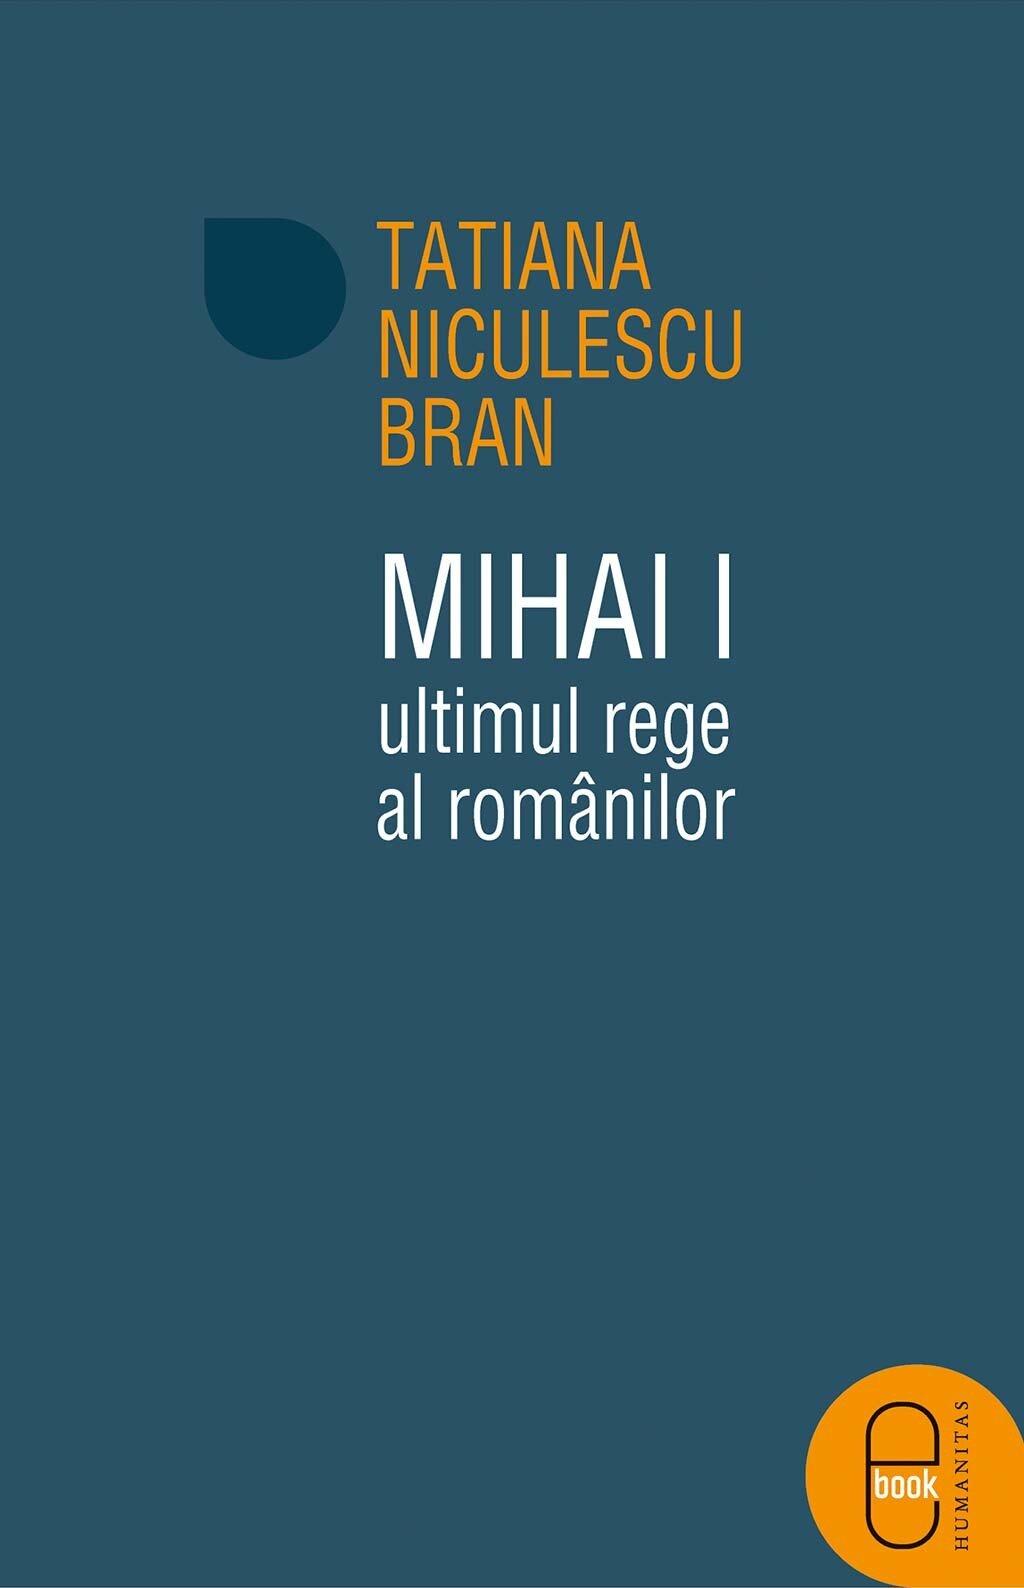 Mihai I, ultimul rege al romanilor (eBook)